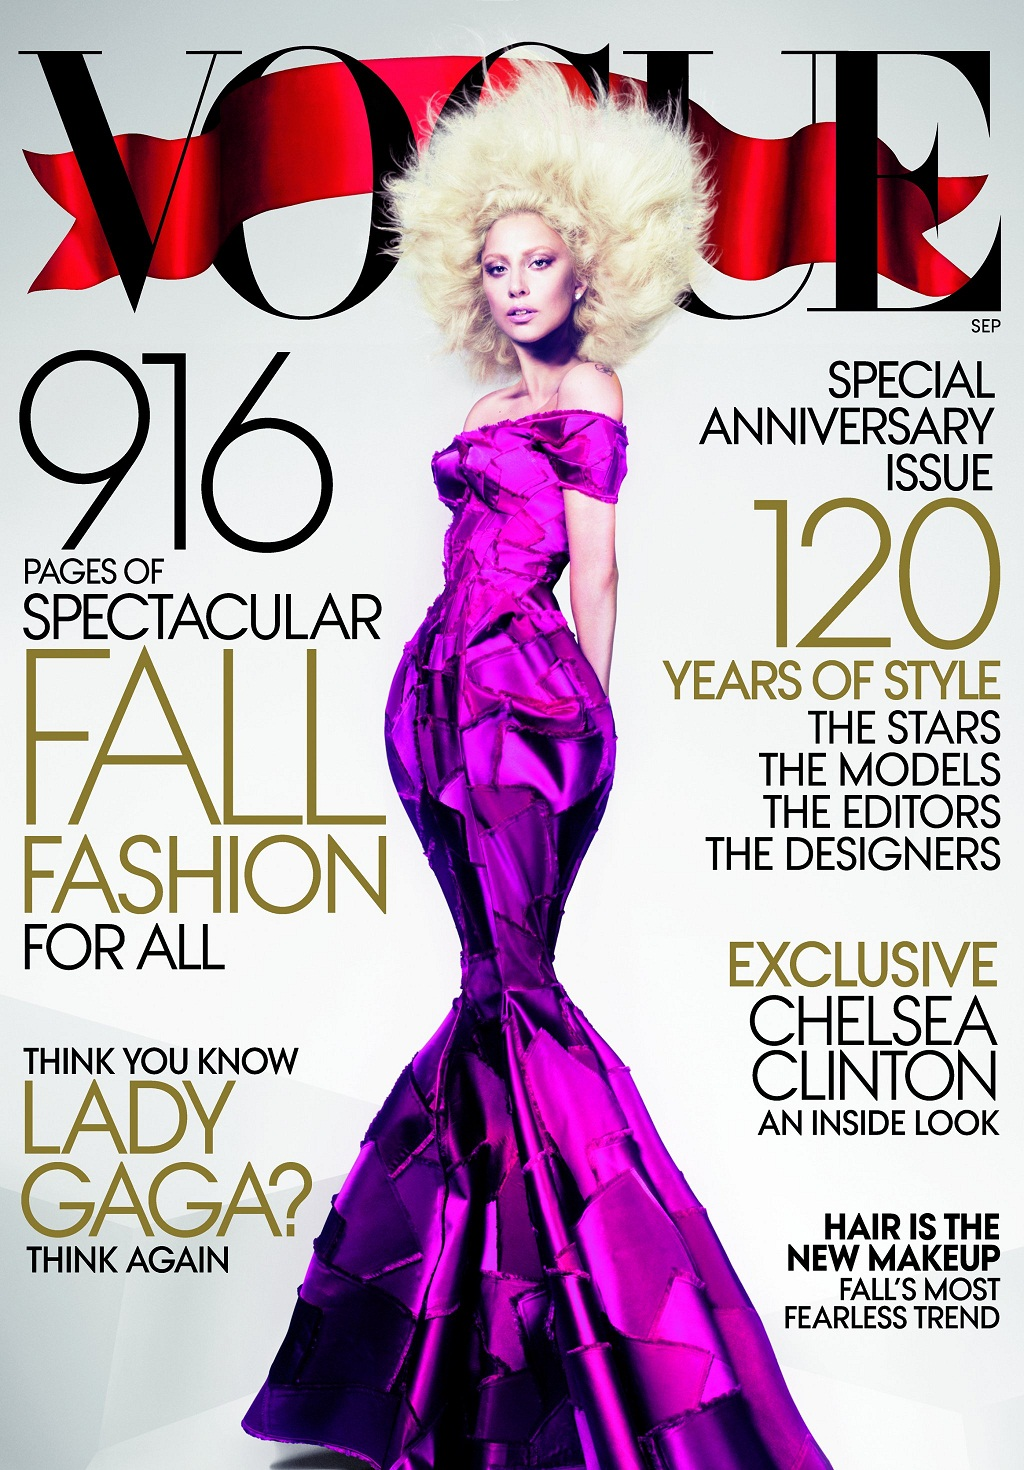 http://2.bp.blogspot.com/-9tRYKpiZ1AA/UNc8IWOAHAI/AAAAAAAAAjM/3NOiCKKvhL4/s1600/Lady-Gaga-Vogue-September-2012.jpg